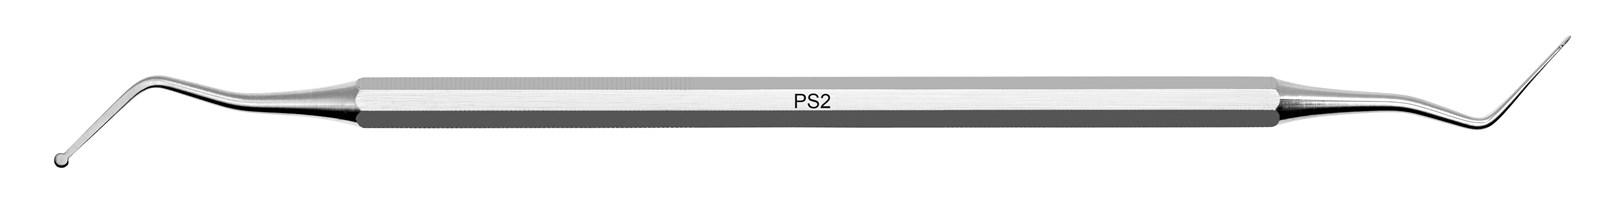 Mikrochirurgický nůž - PS2, ADEP fialový